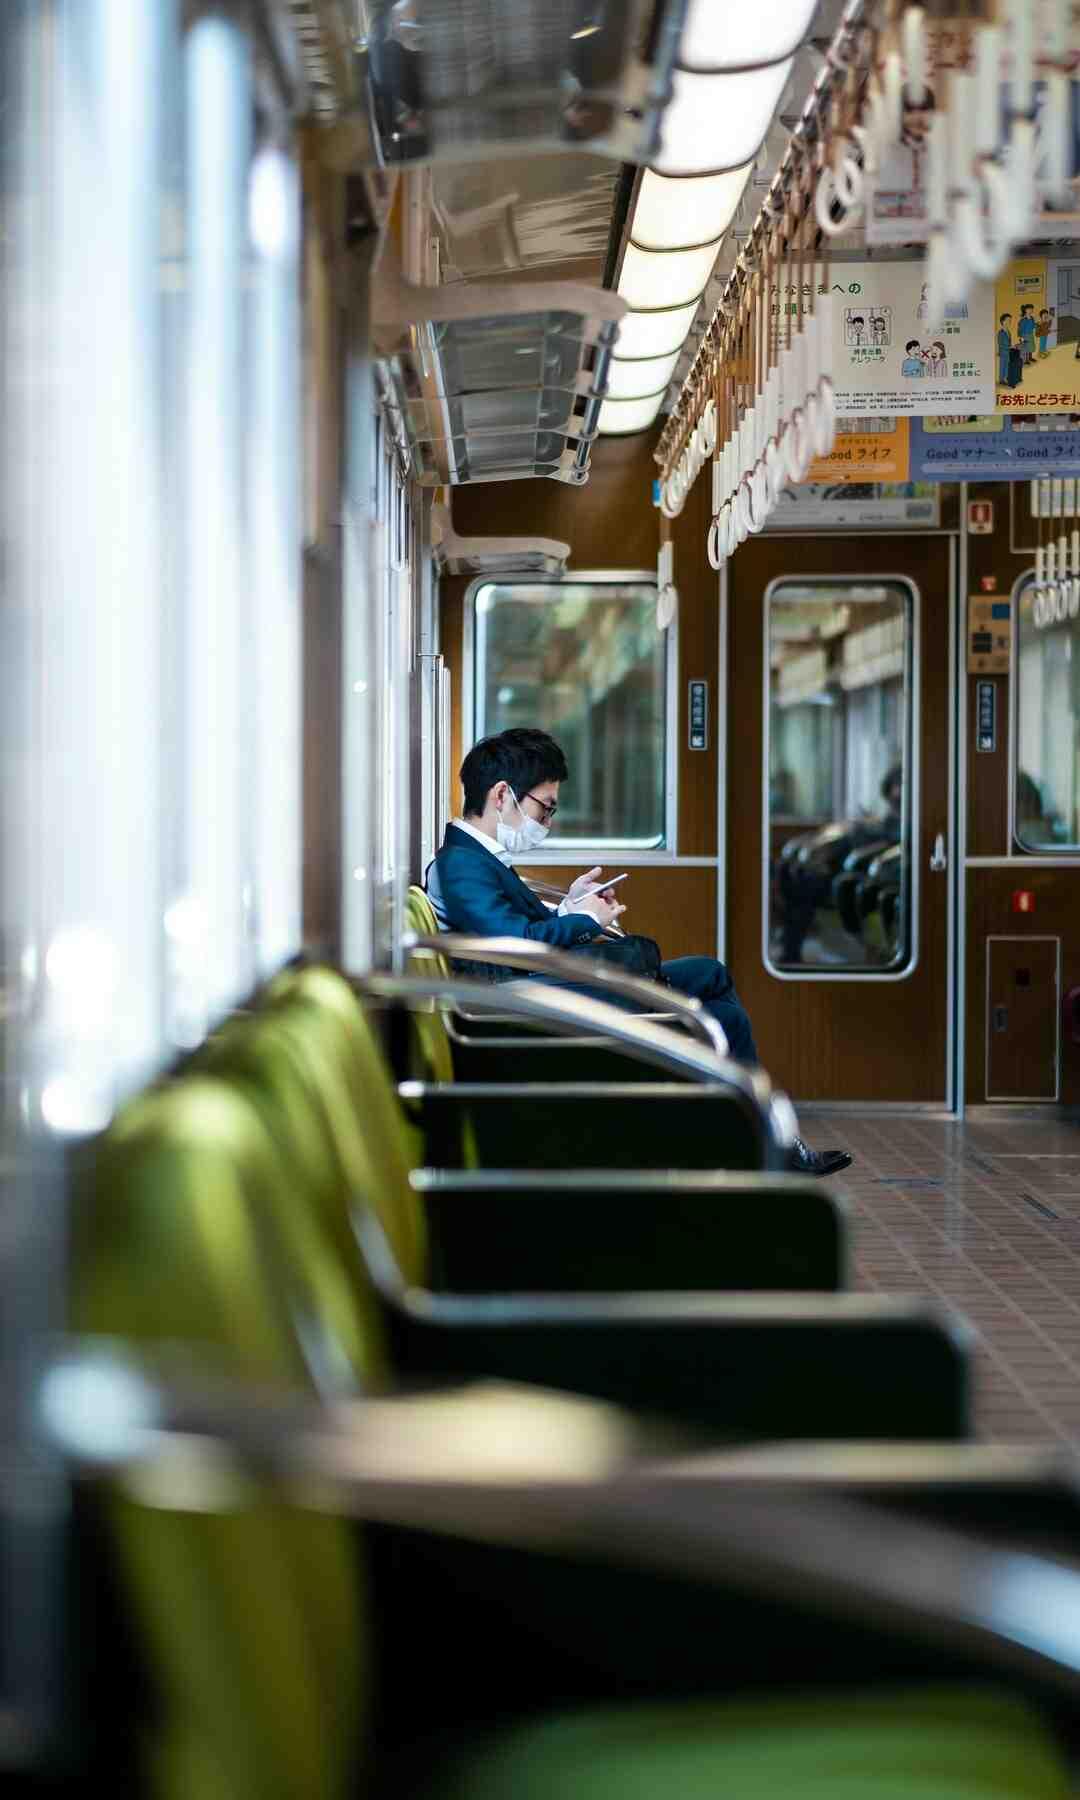 Comment obtenir un emploi au Japon